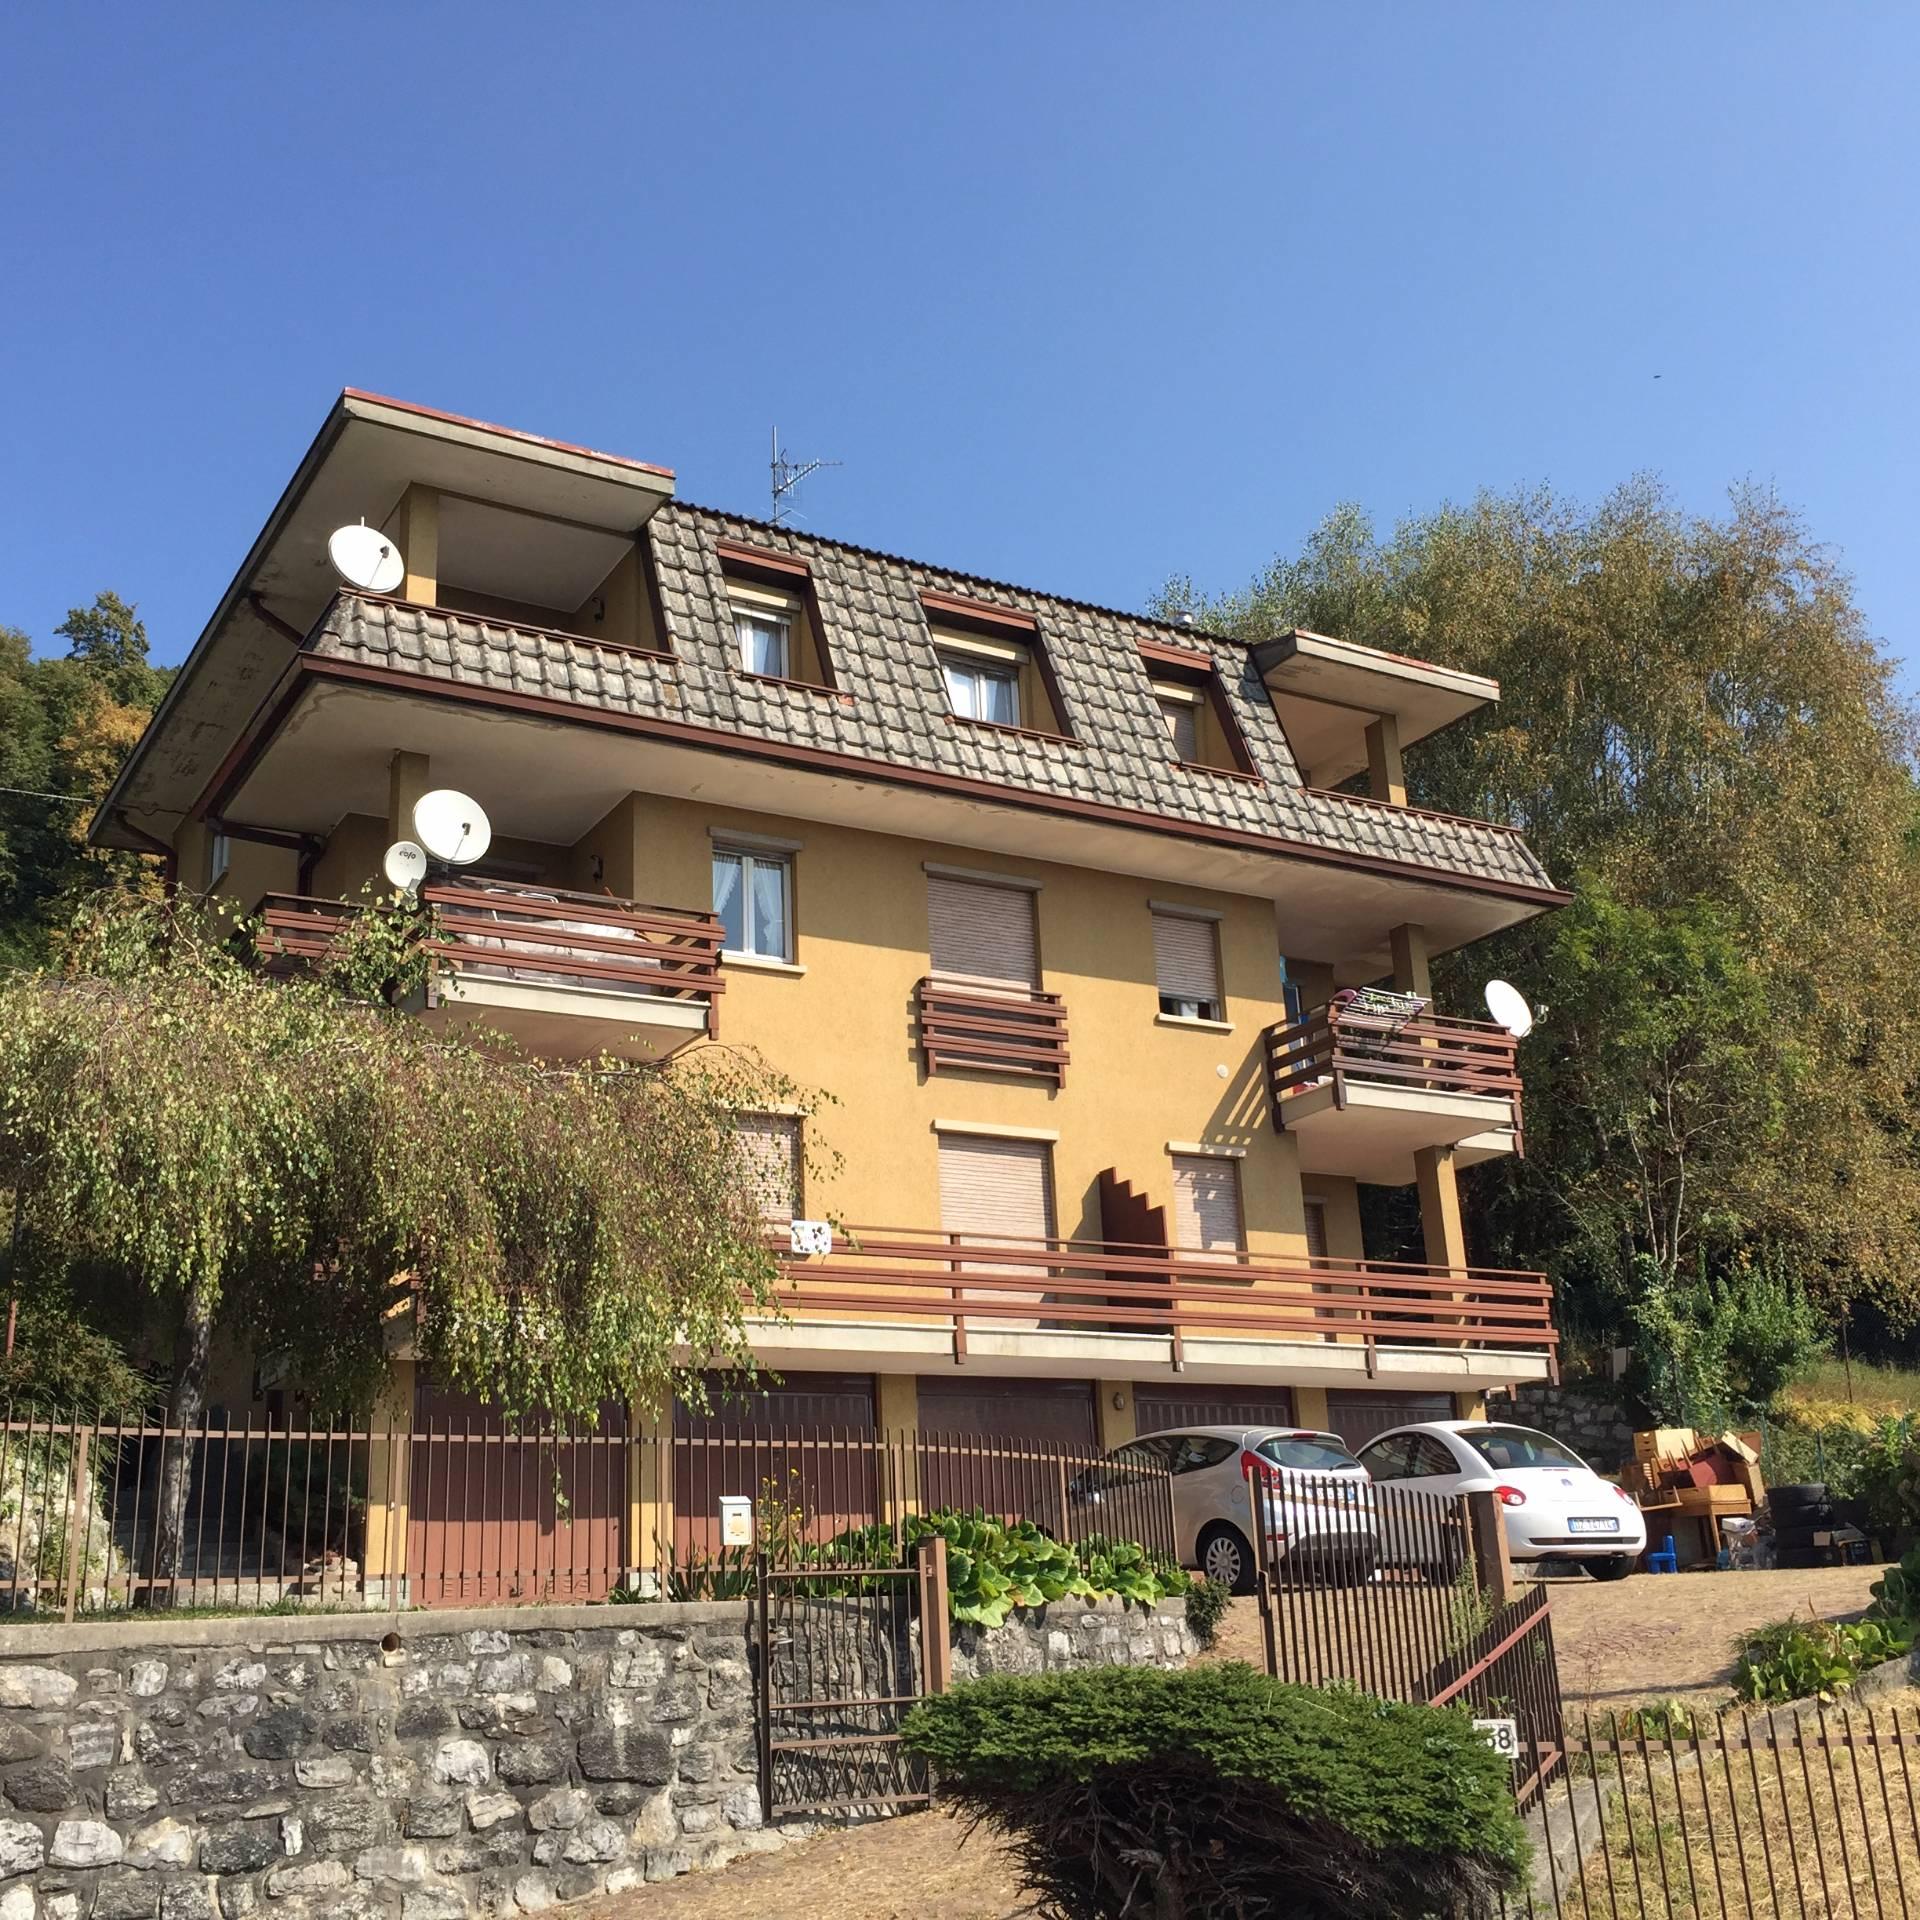 Appartamento in vendita a Sormano, 4 locali, prezzo € 55.000 | CambioCasa.it